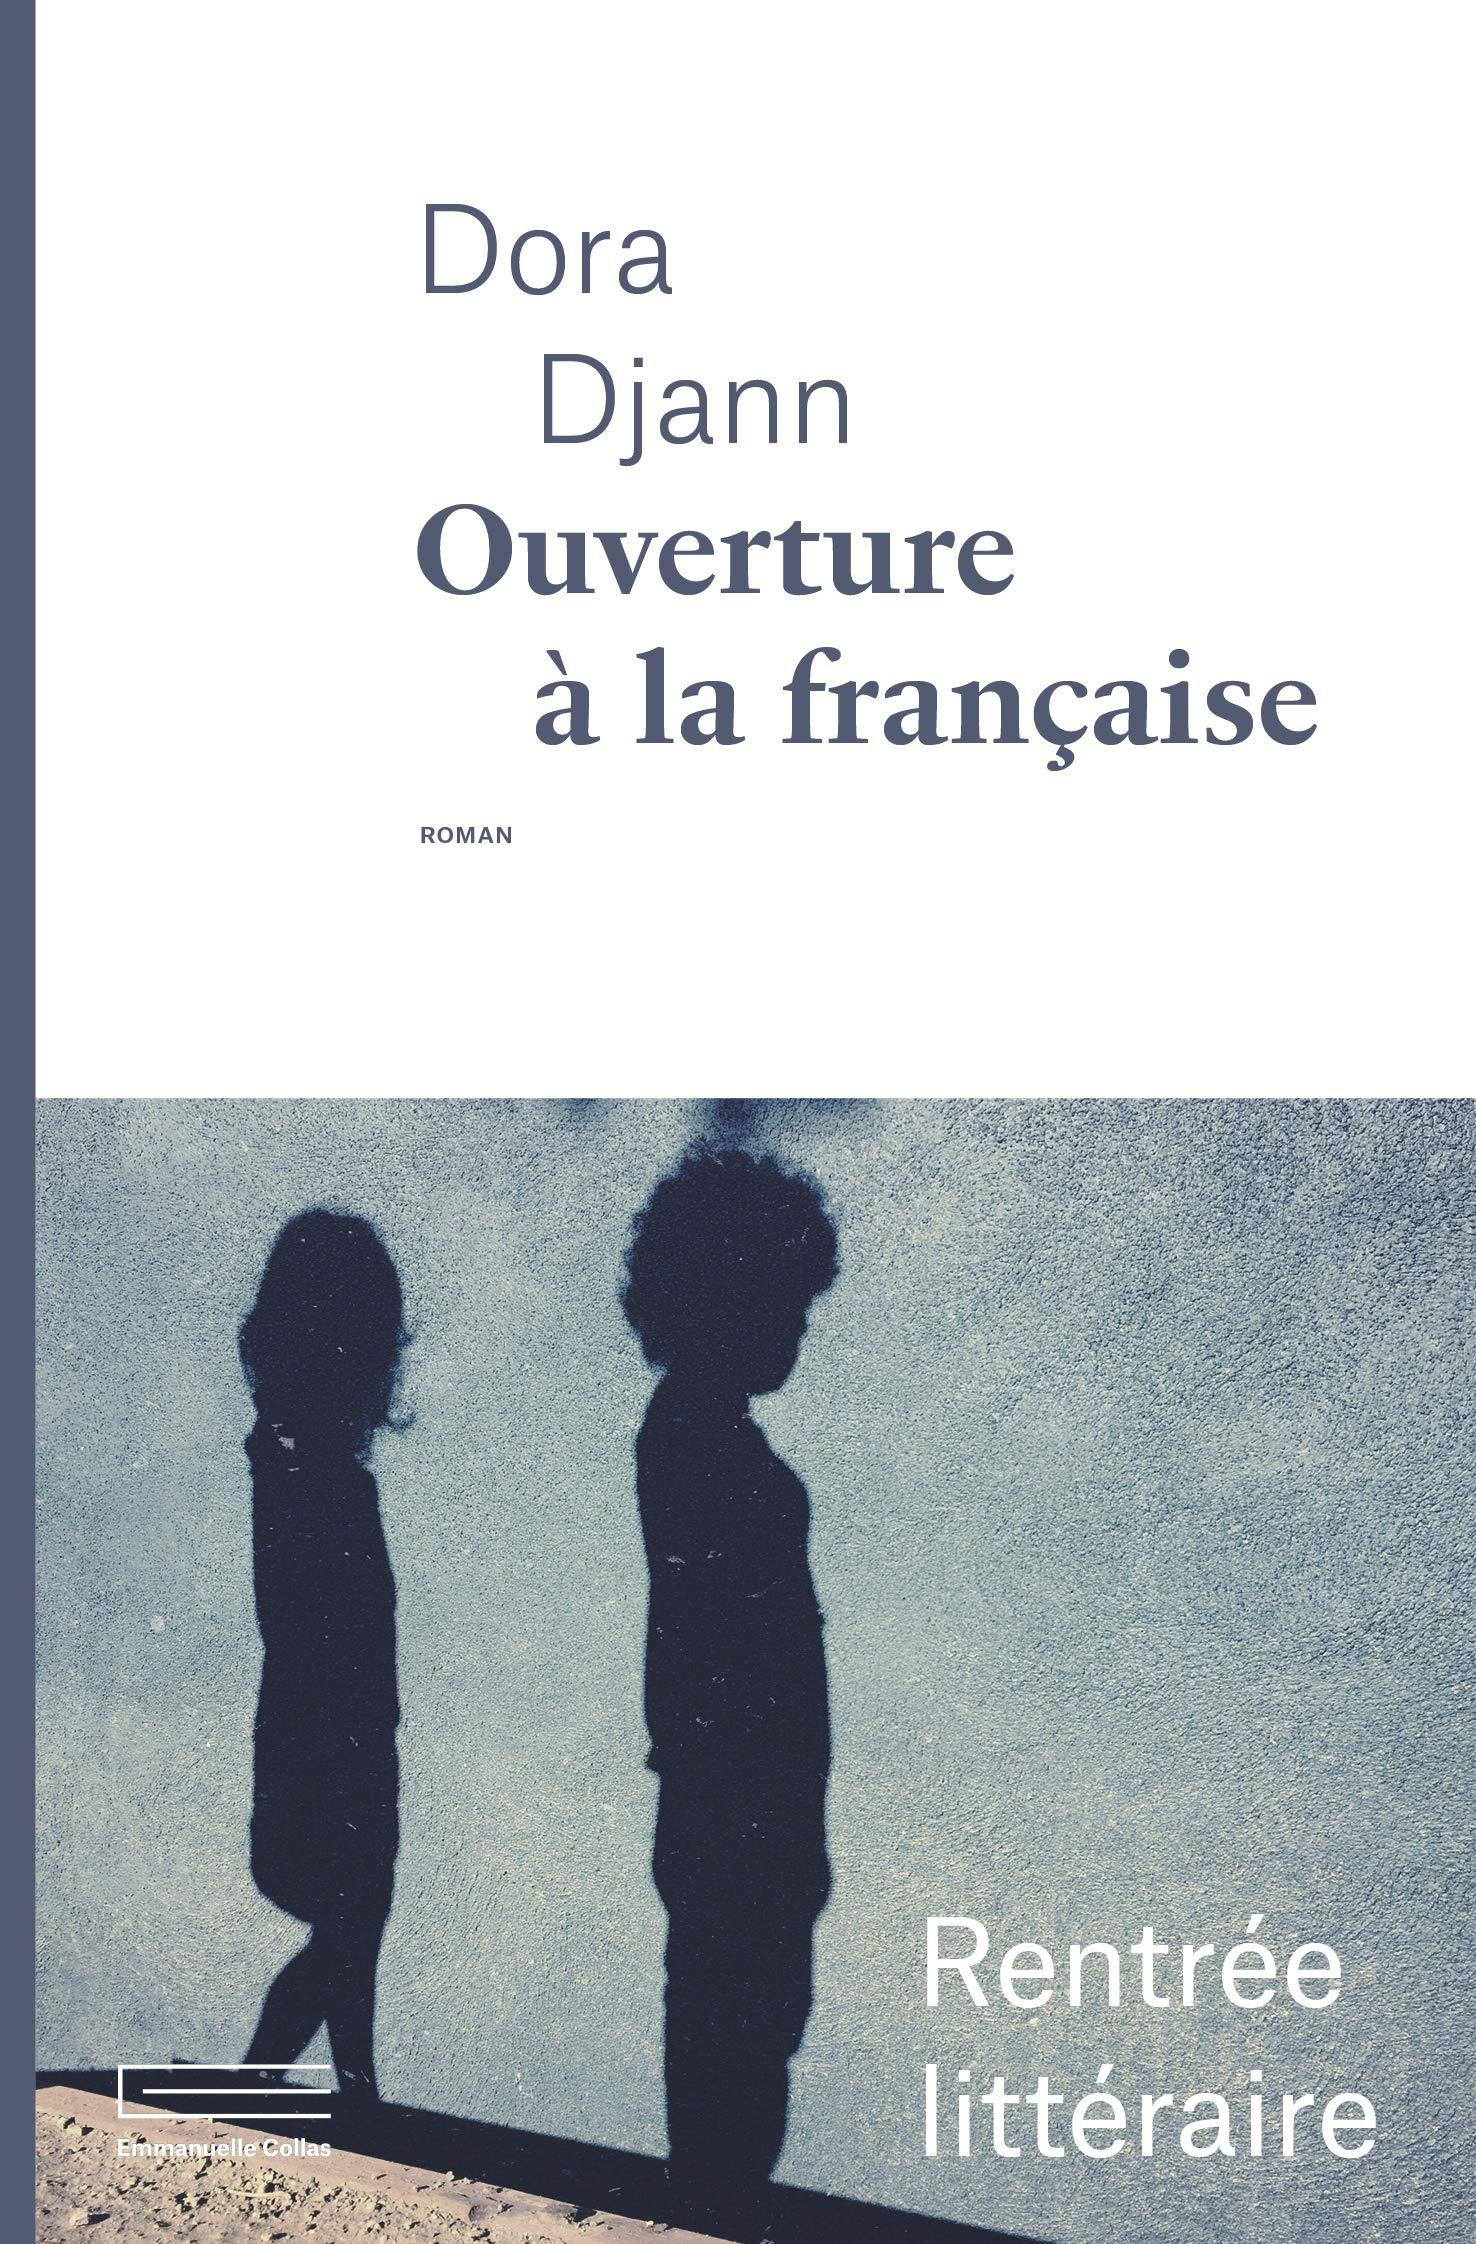 Dora Djann, Ouverture à la française